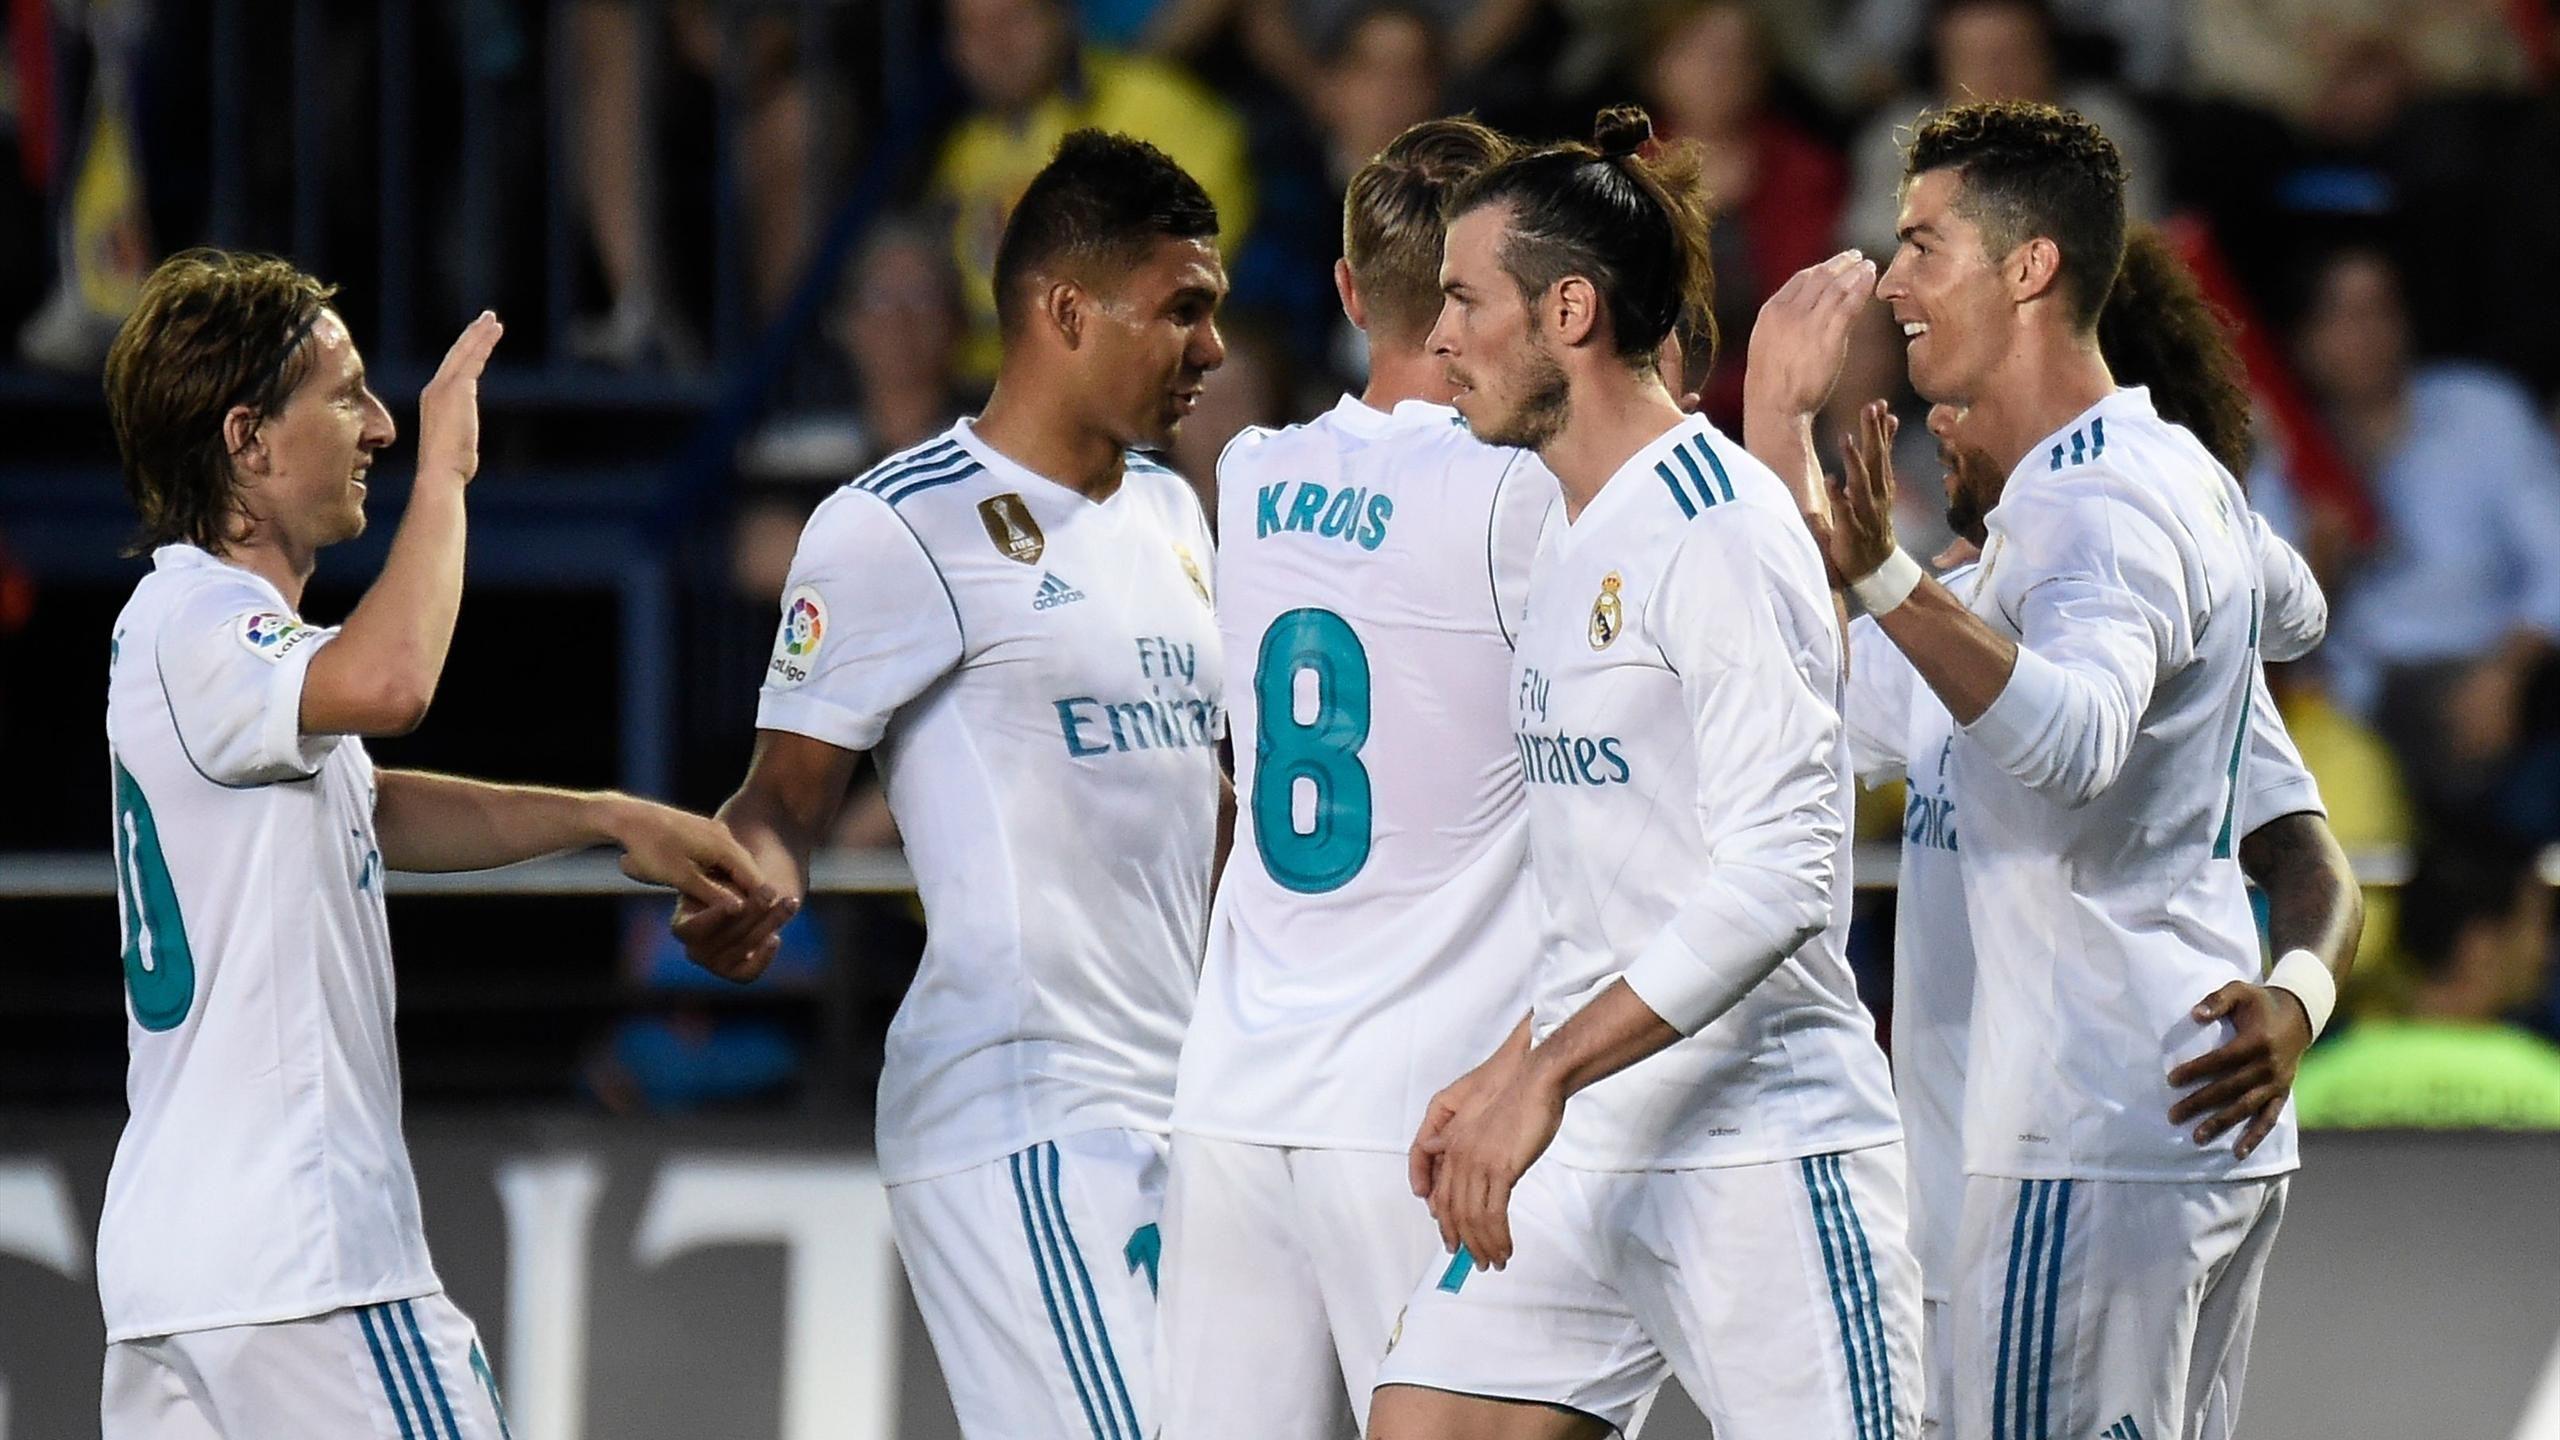 Finale Ligue des Champions: Real Madrid vs Liverpool en direct dès 20h45